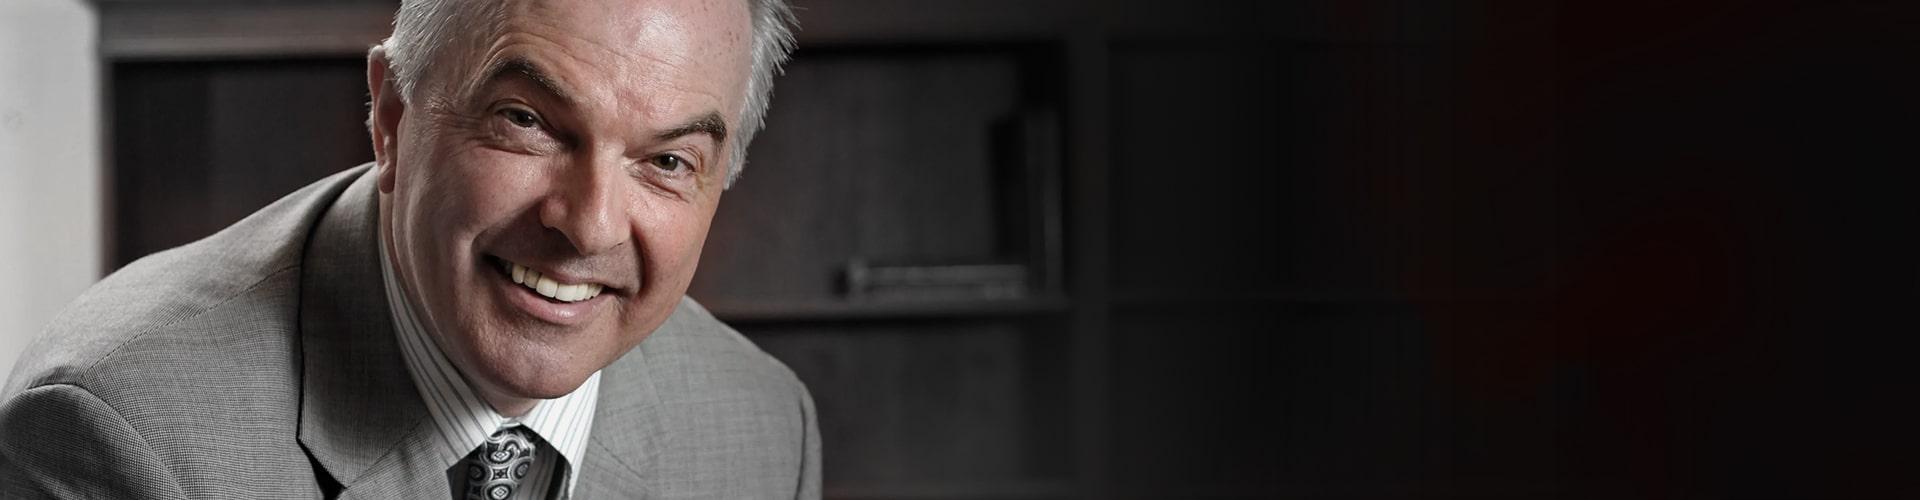 RVCC President Michael McDonough